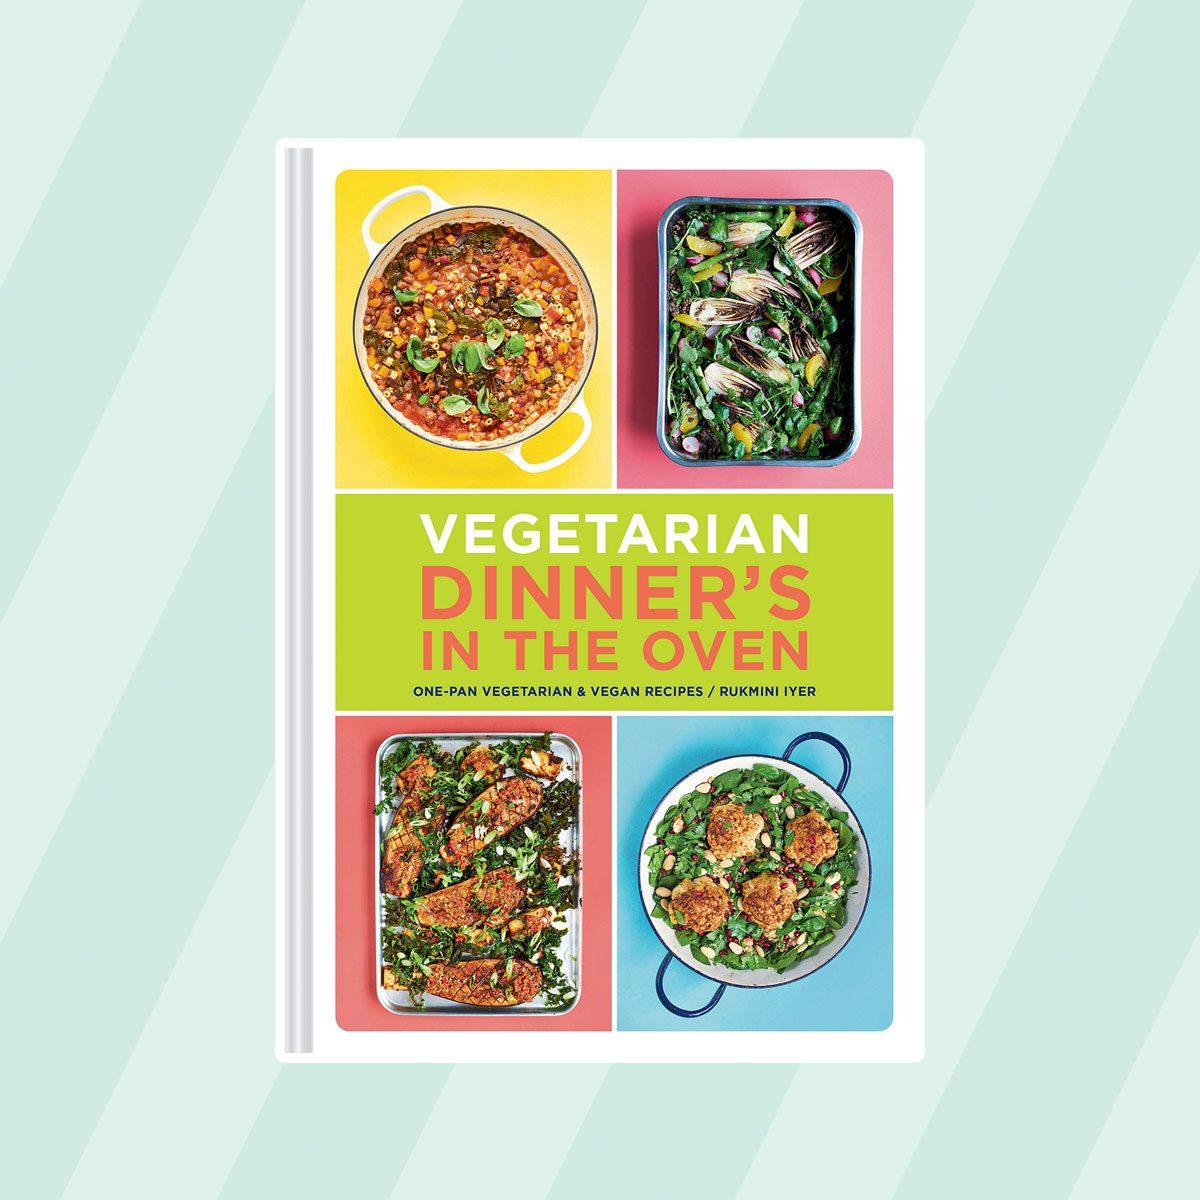 Vegetarian's Dinner in the Oven